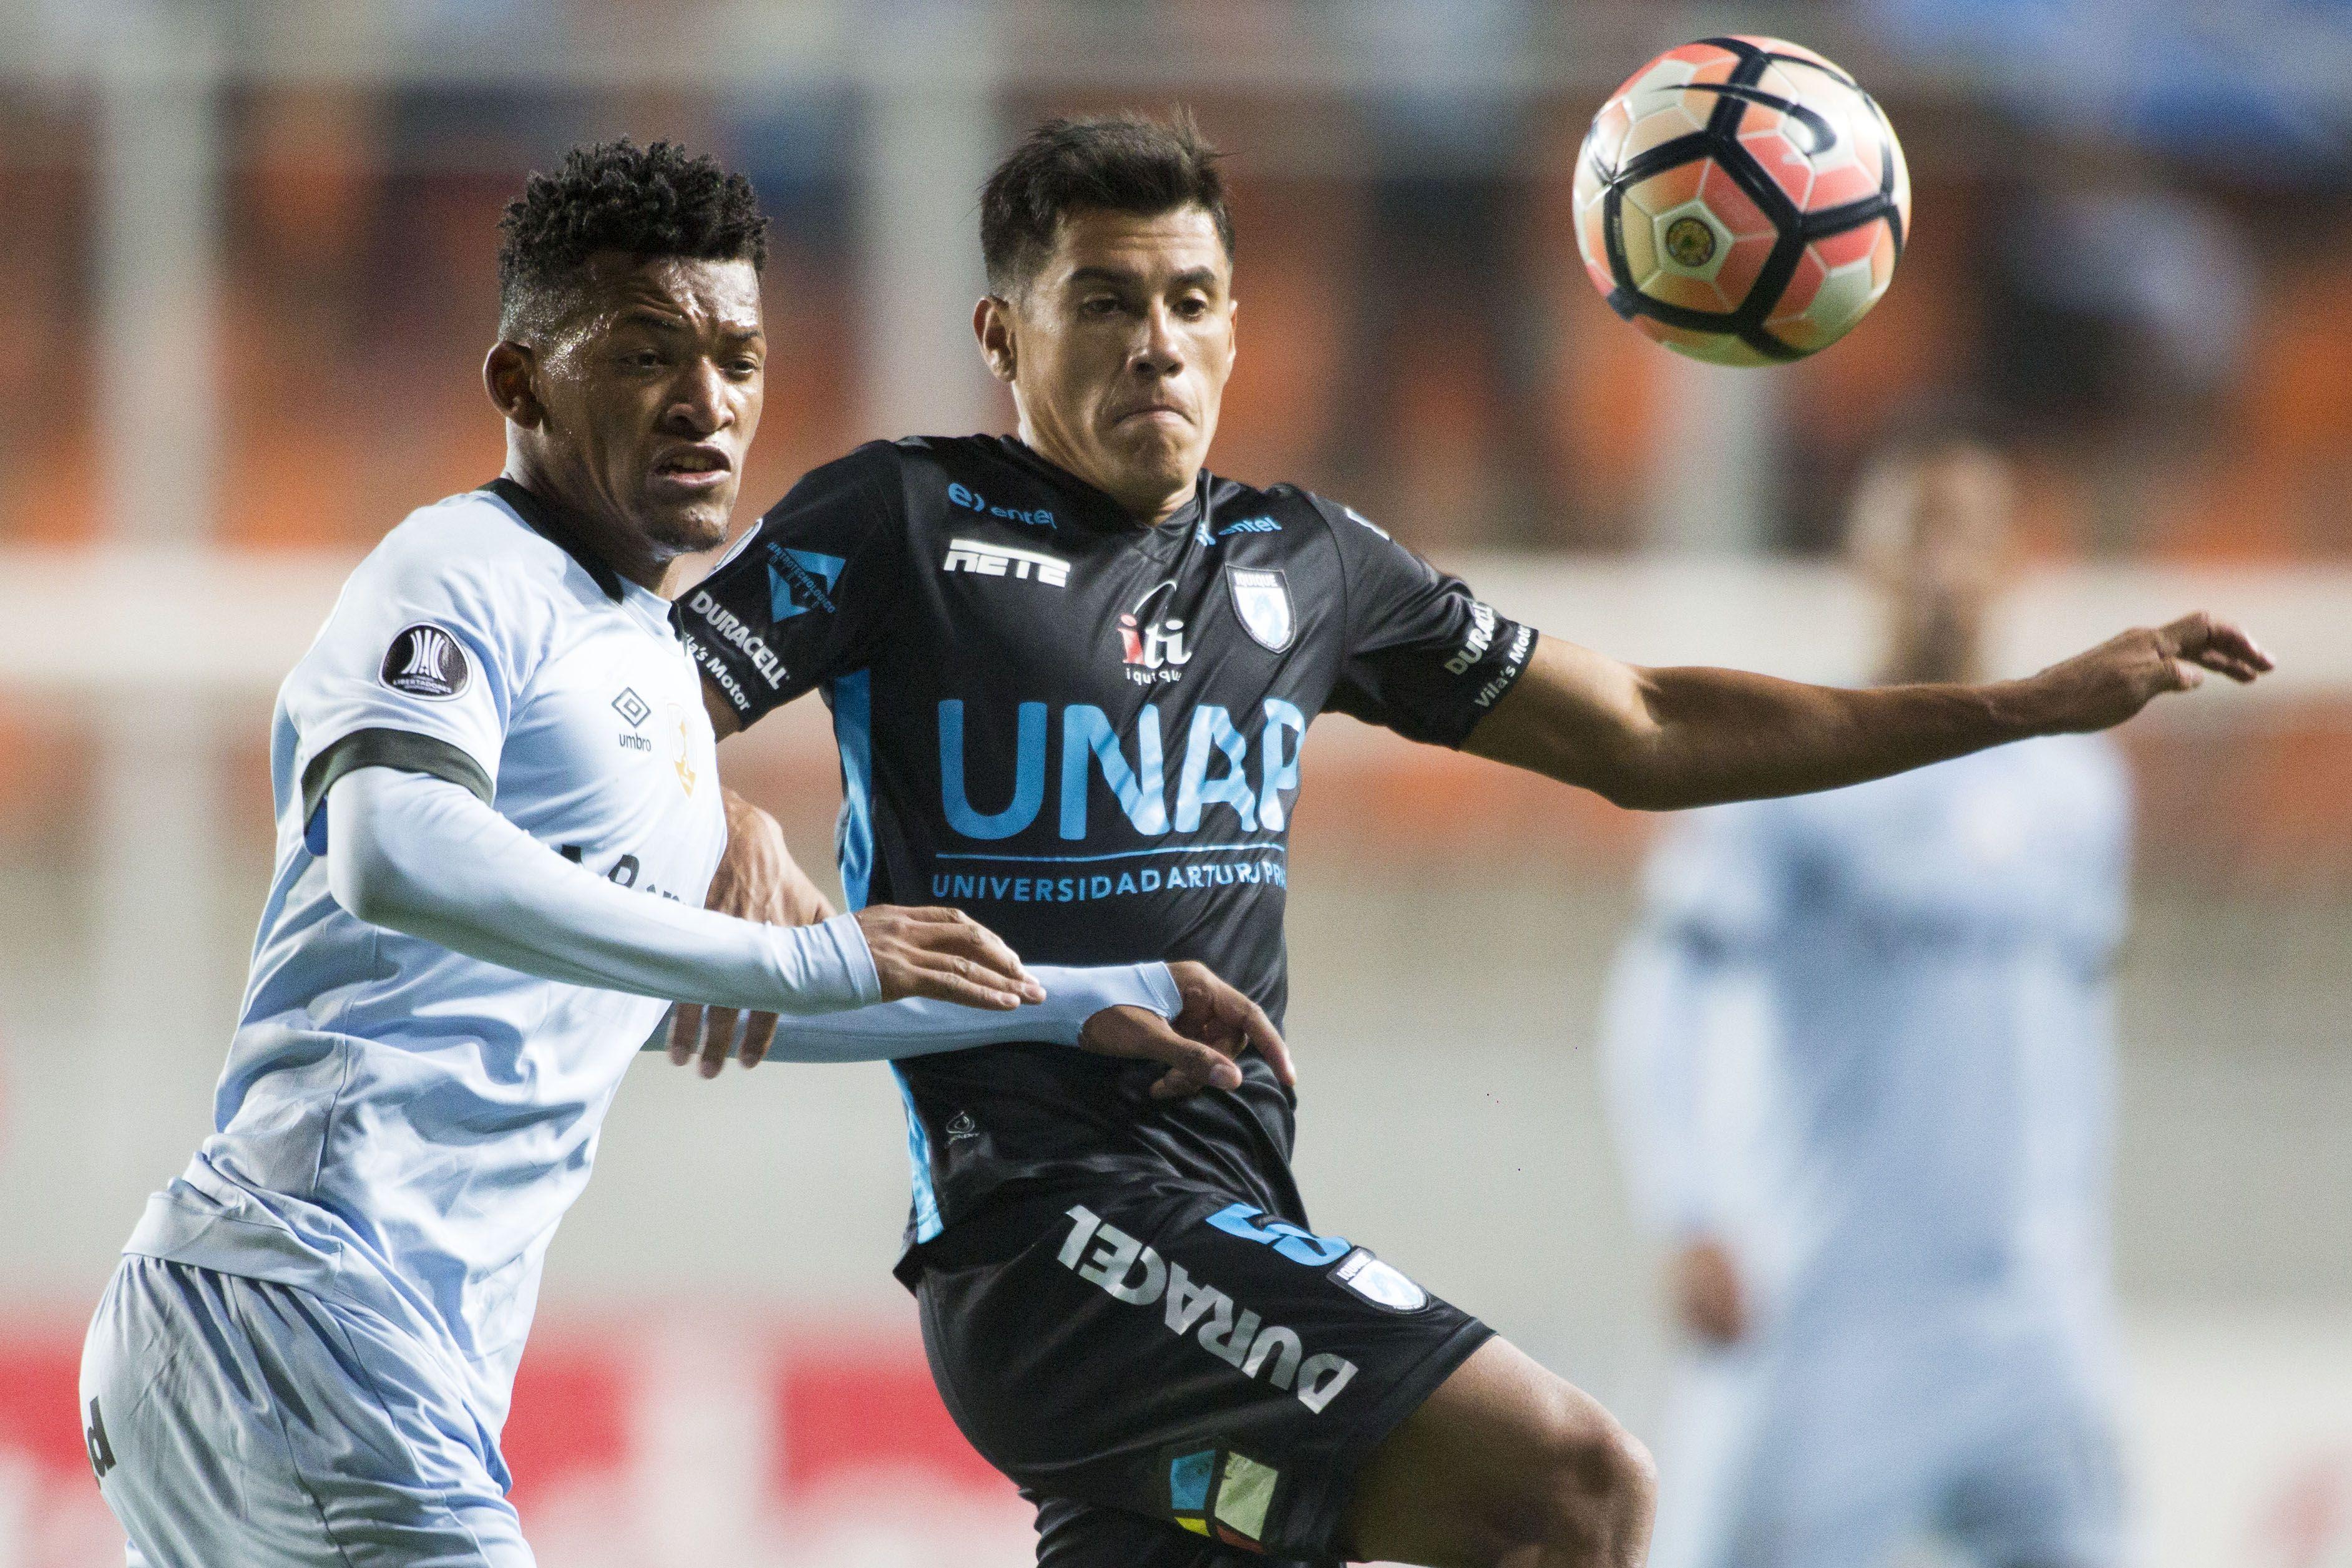 Rafael Caronca, Deportes Iquique / Photosport